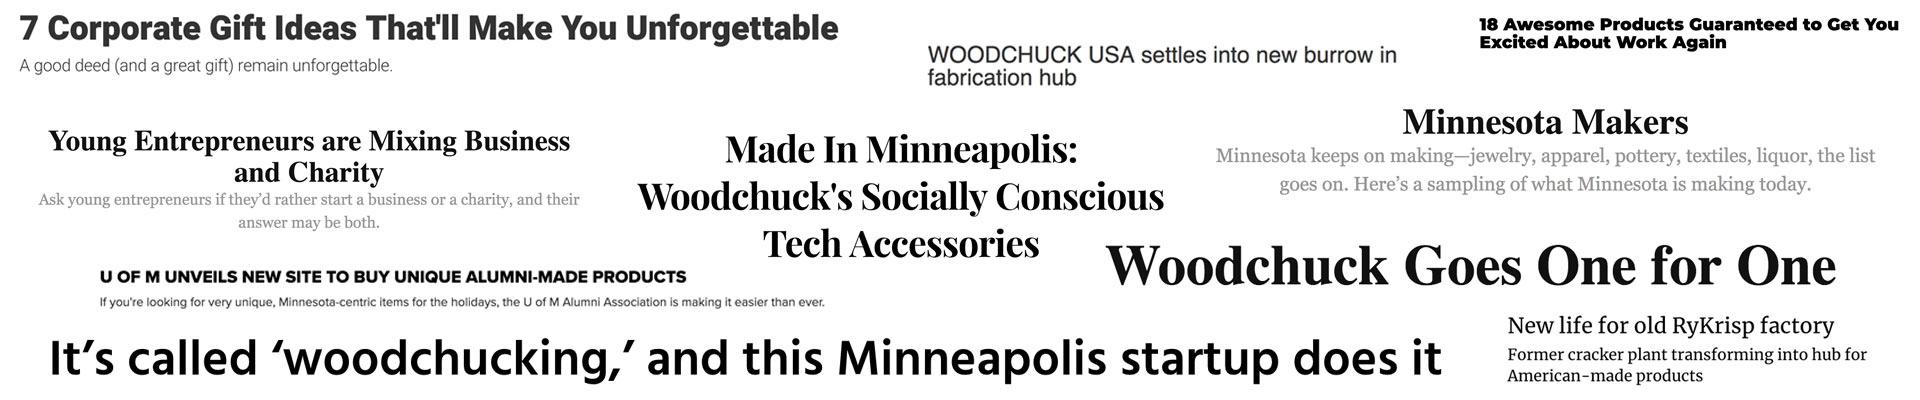 Woodchuck USA Media Background